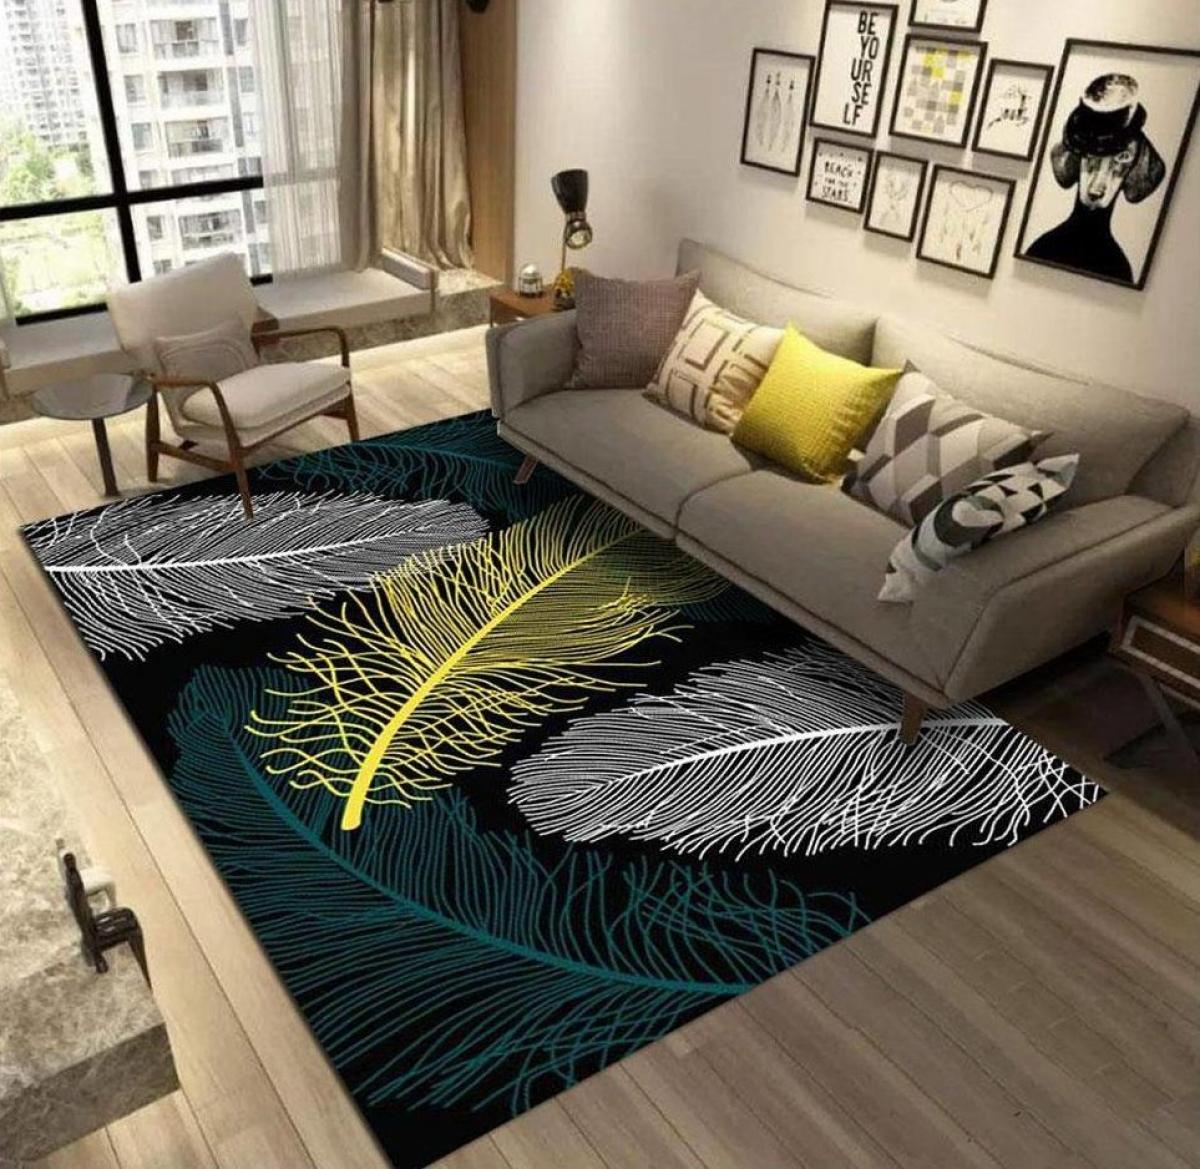 Với thiết kế đa dạng về kiểu dáng, hoa văn, màu sắc và chất liệu chắc chắn thảm trải sàn là một trong những món đồ trang trí quan trọng trong không gian nội thất. Các không gian trong gia đình bạn sẽ trở nên nổi bật, cuốn hút và đầy ấn tượng với những tấm thảm trải sàn./.